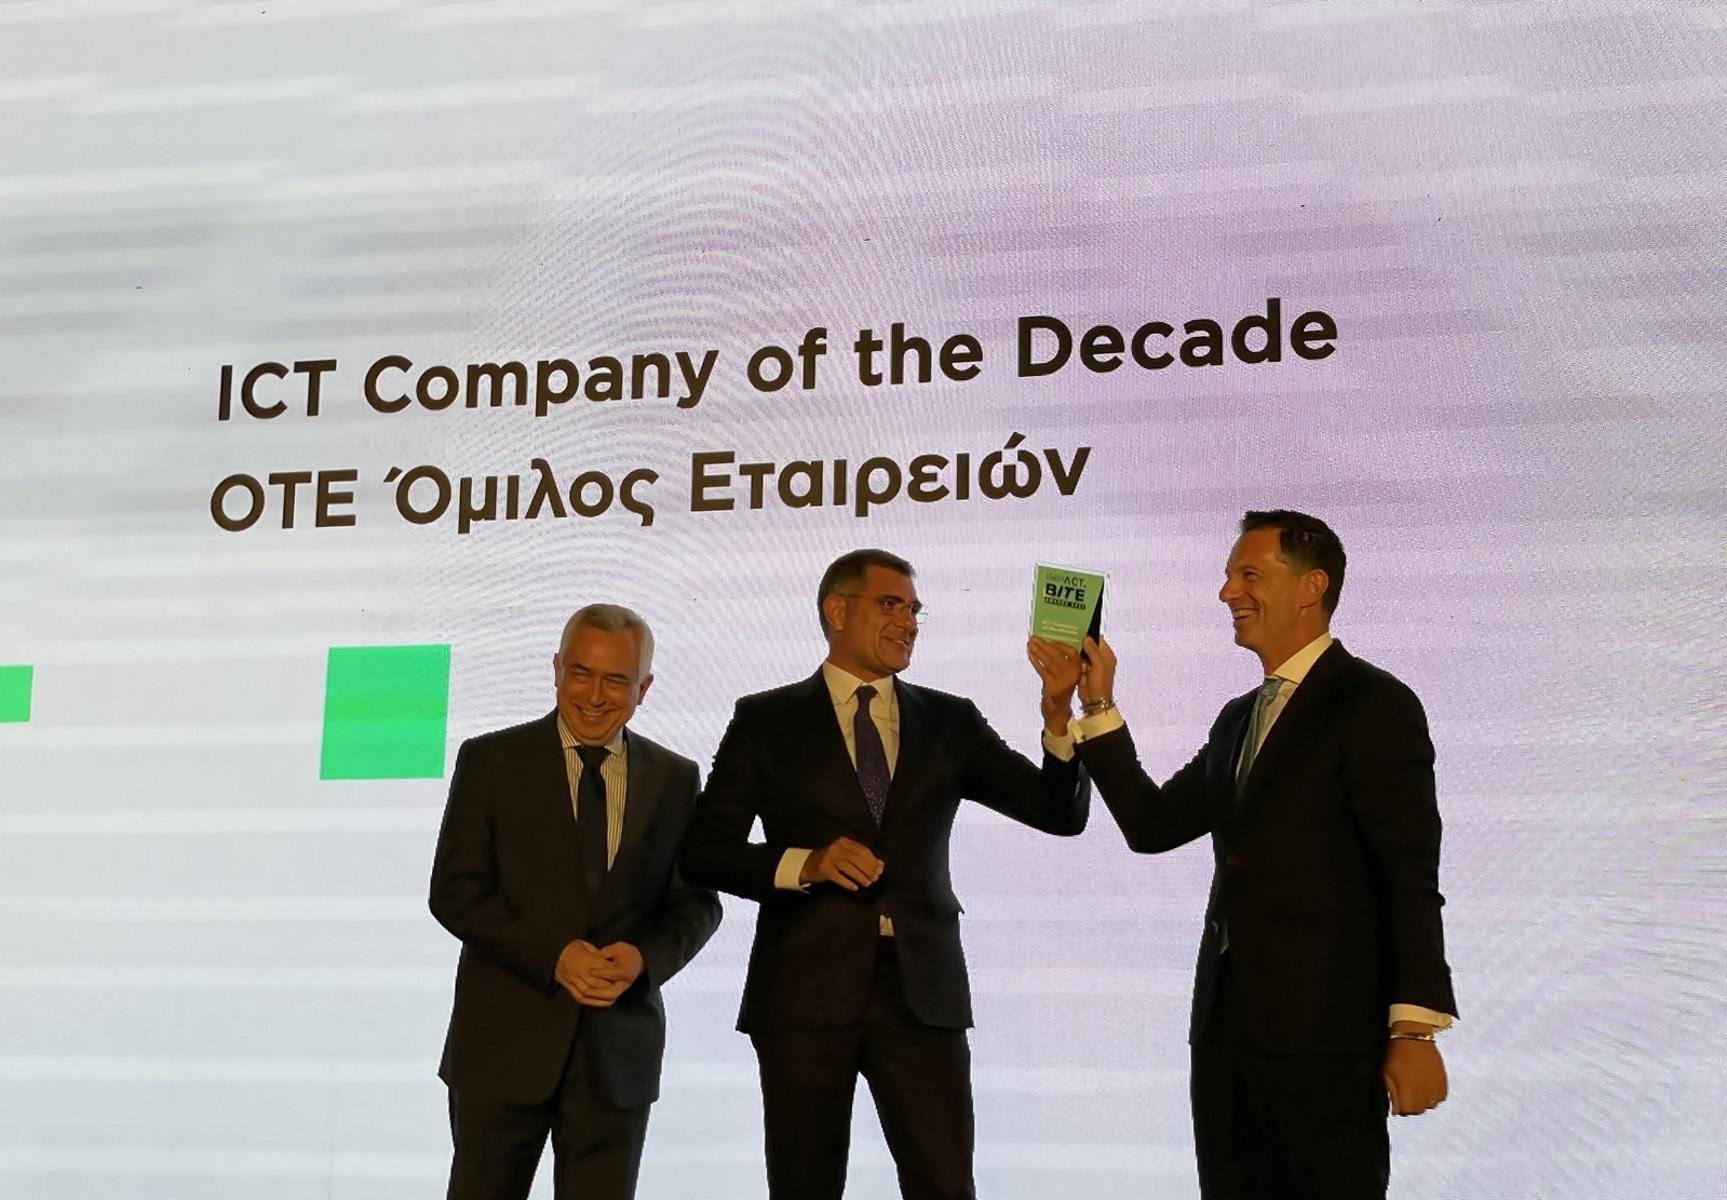 ΟΤΕ: Κορυφαία διάκριση απέσπασε ο όμιλος για τη συμβολή του στην νέα ψηφιακή εποχή